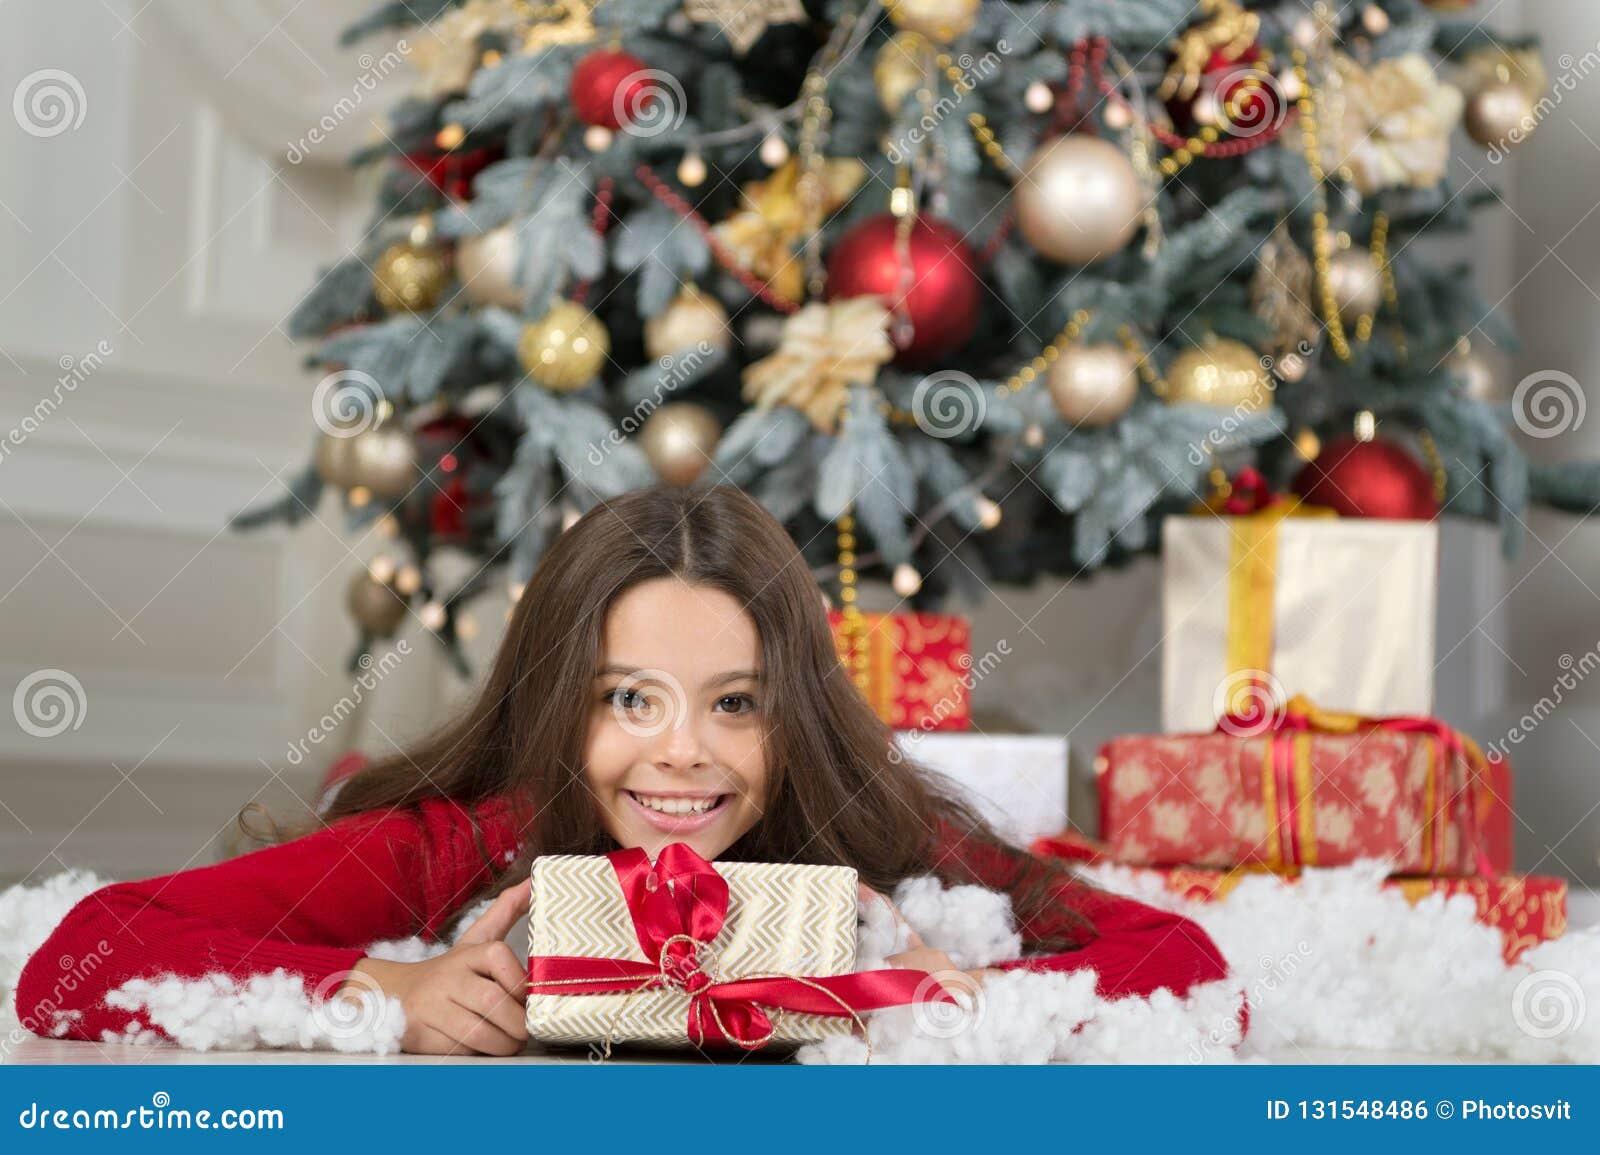 La mañana antes de Navidad Día de fiesta del Año Nuevo Feliz Año Nuevo pequeña muchacha feliz en la Navidad Navidad El niño goza